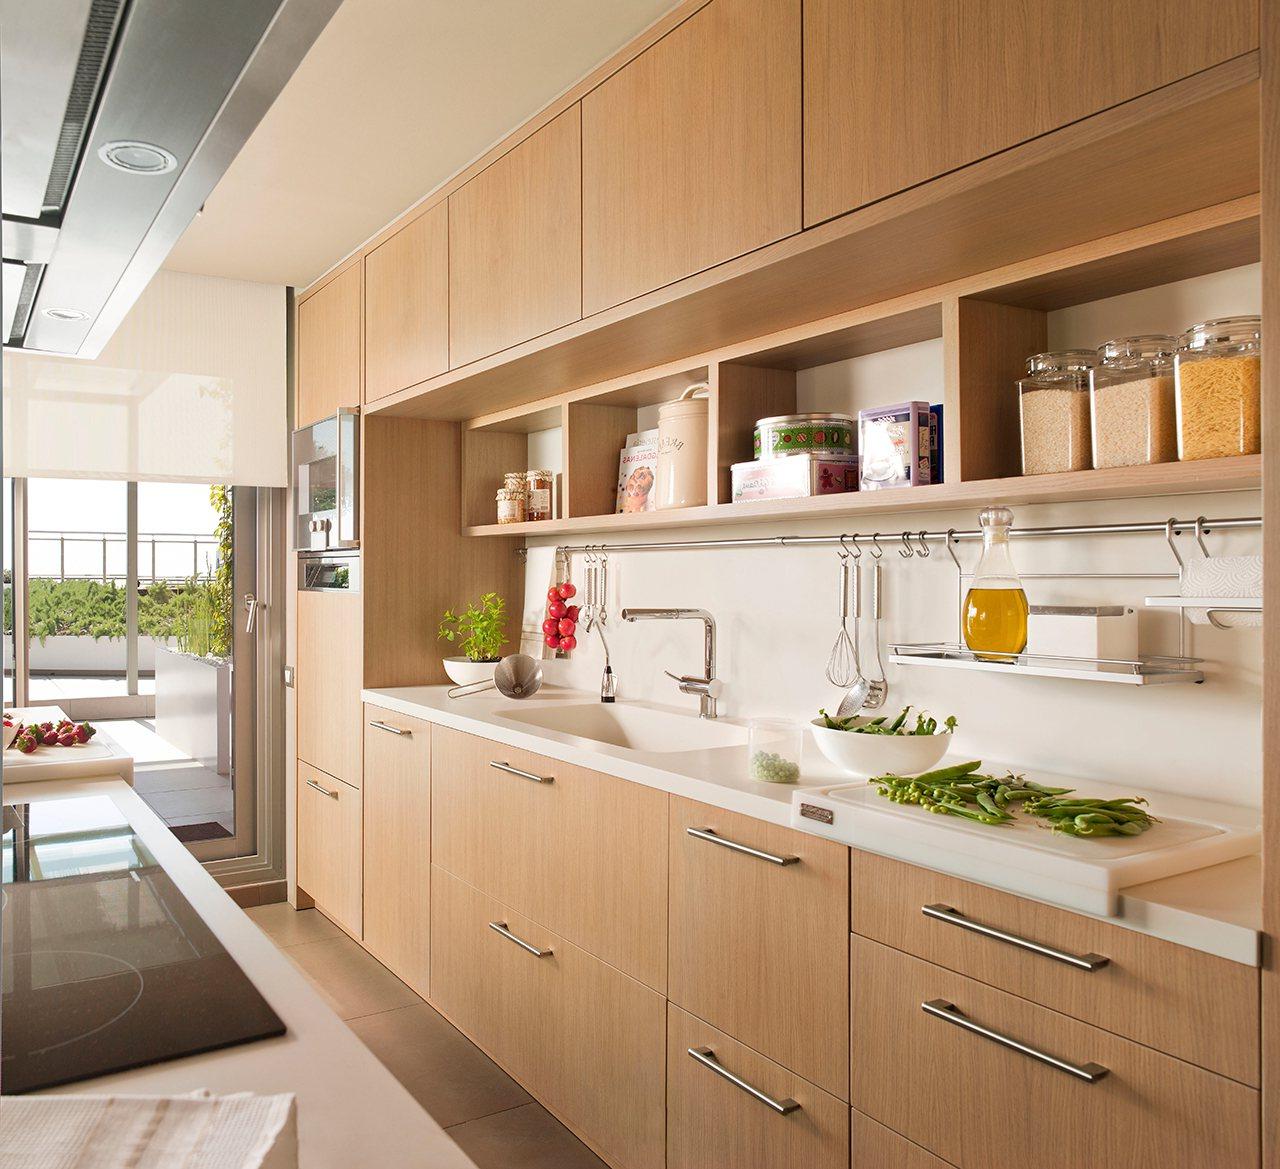 Armarios De Cocina Altos Tldn Ideas Para Aprovechar El Espacio En Las Cocinas Pequeà as